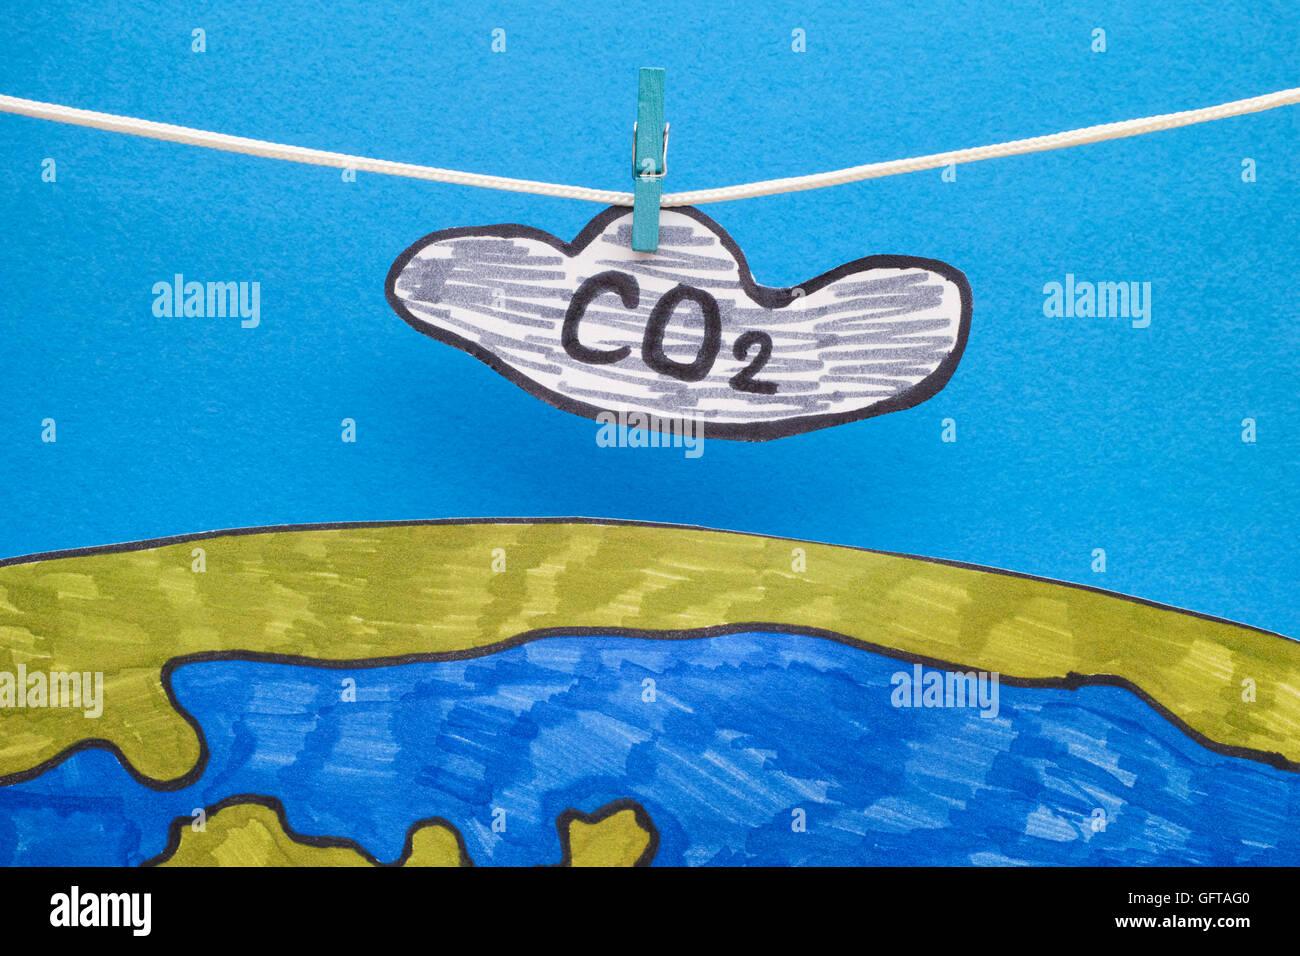 Nube de dióxido de carbono (CO2) colgando por encima de la tierra. Concepto imagen. Cerca. Imagen De Stock